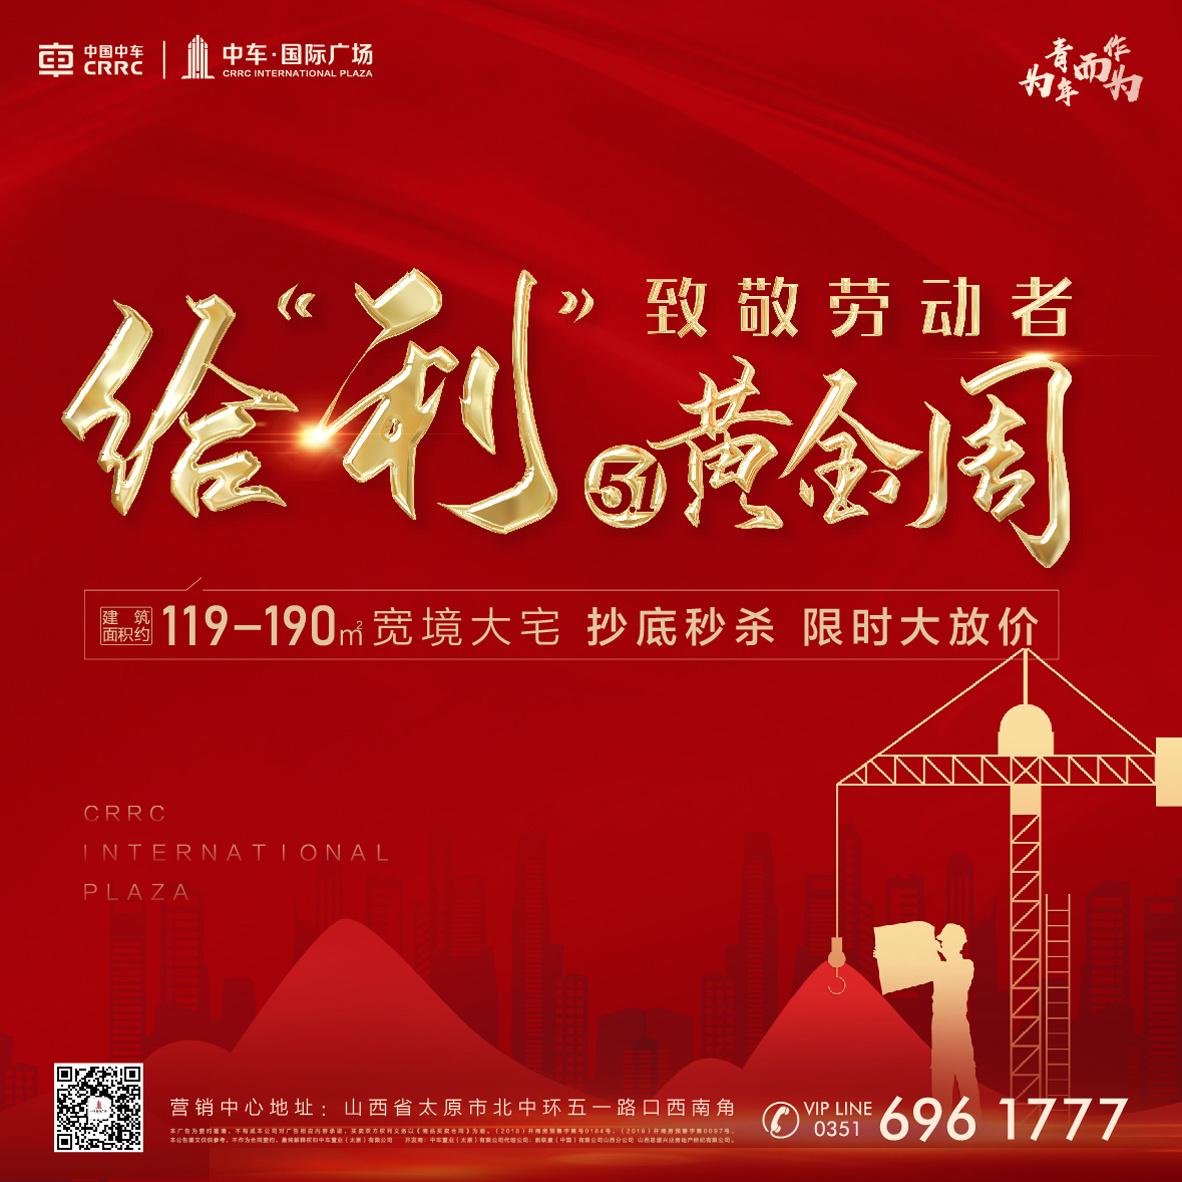 中车国际广场直播封面